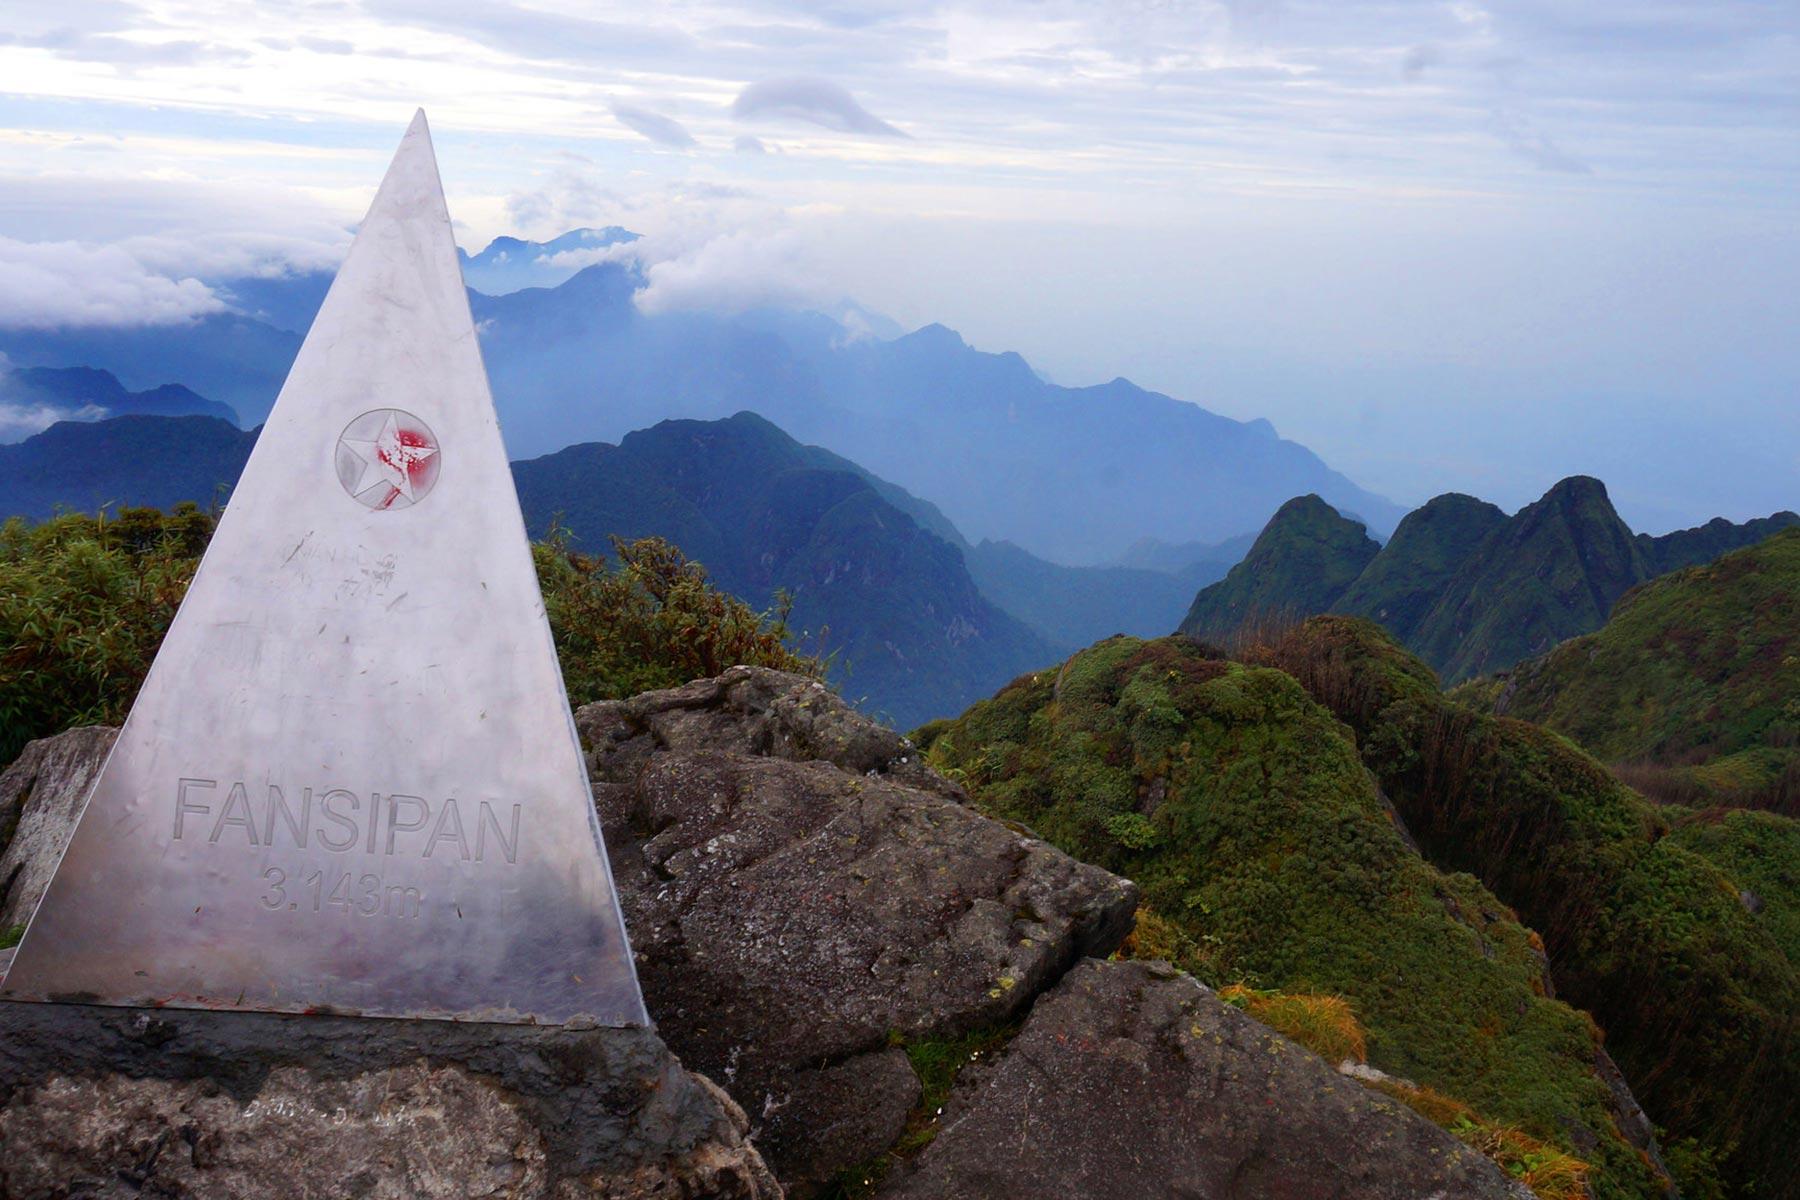 Fainsipan 1 day tour to the peak